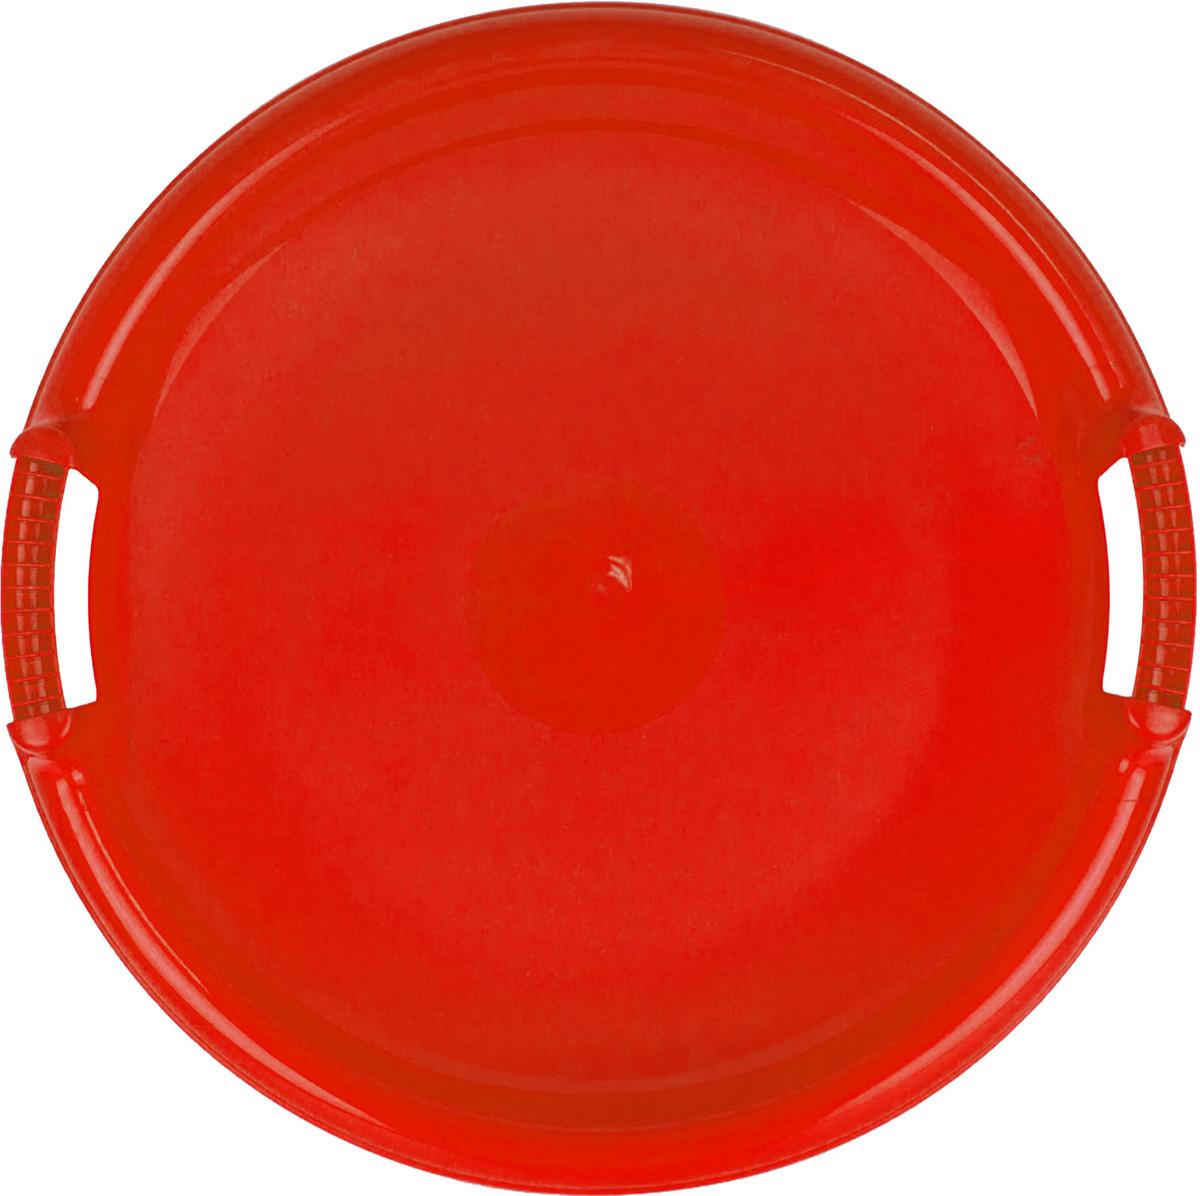 Zebratoys Ледянка большая круглая цвет красный15-987_красныйЛедянка большая круглая имеет удобный большой размер, который позволяет прокатиться по снежному склону не только детям, но и взрослым. Диаметр круга: 53 см. Ледянка обладает удобными крепкими ручками с двух сторон. Крепкий пластик обеспечит ровное быстрое скольжение и убережет от возможных травм. Выполнена из морозостойкого пластика в ярких цветах, которые отлично будут смотреться на снежных склонах.